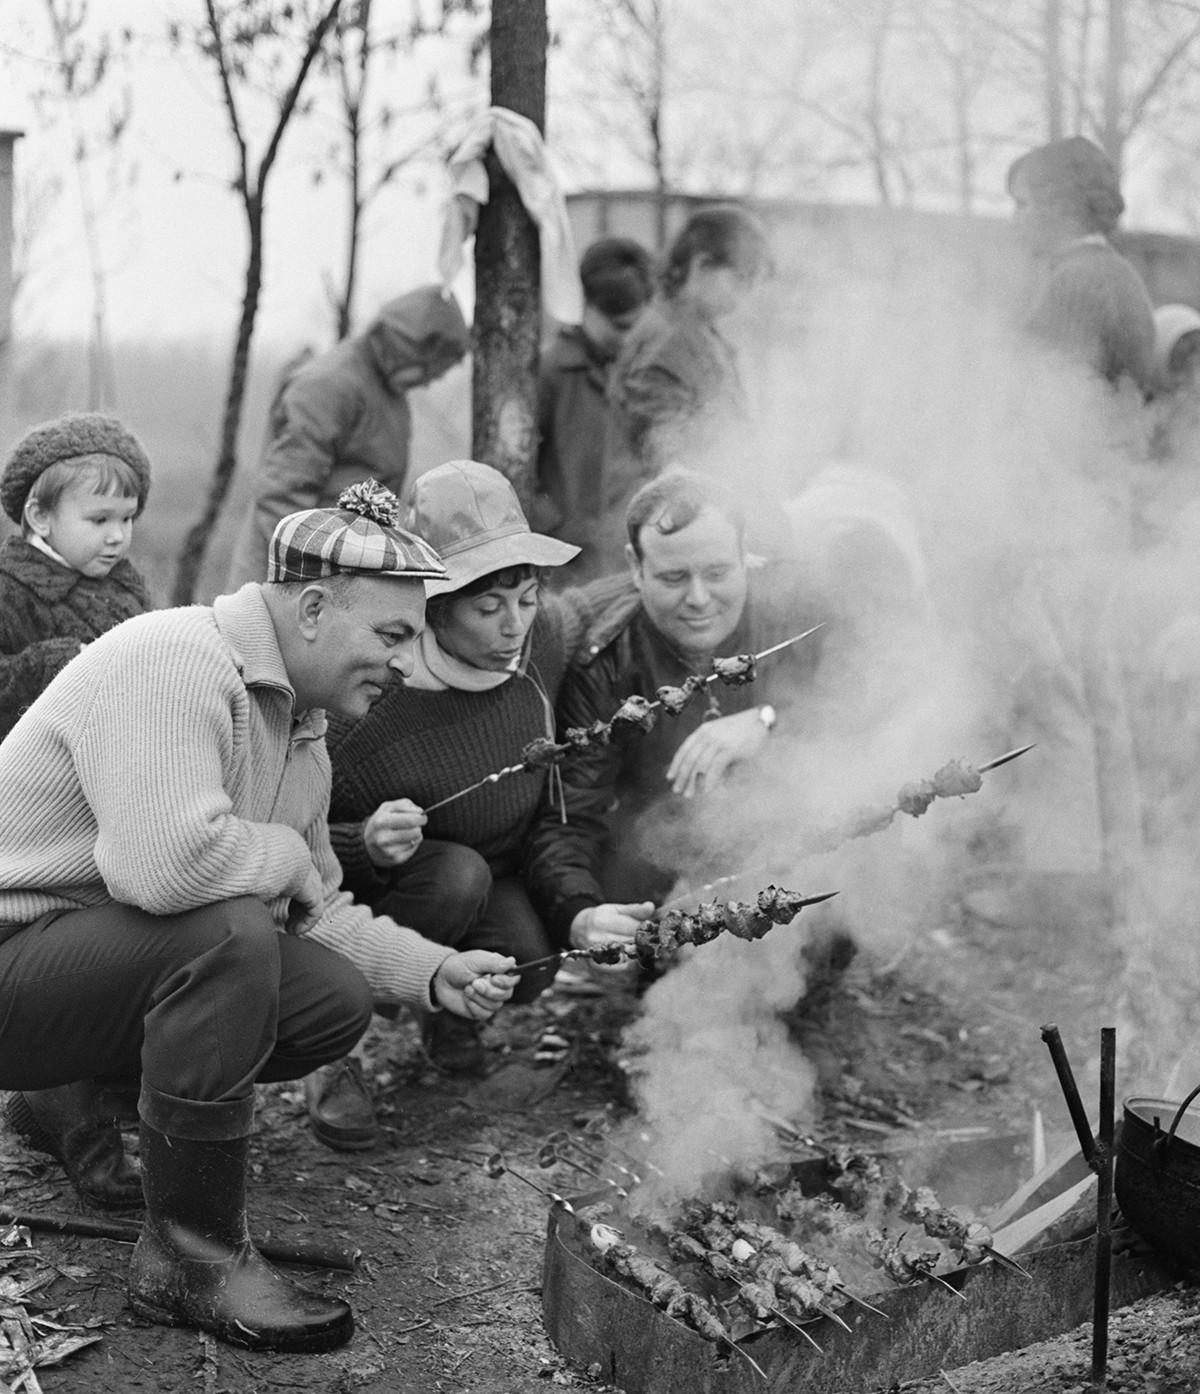 Grozny. Ingénieurs français, allemands et soviétiques faisant griller de la viande pendant un jour de repos, 1970